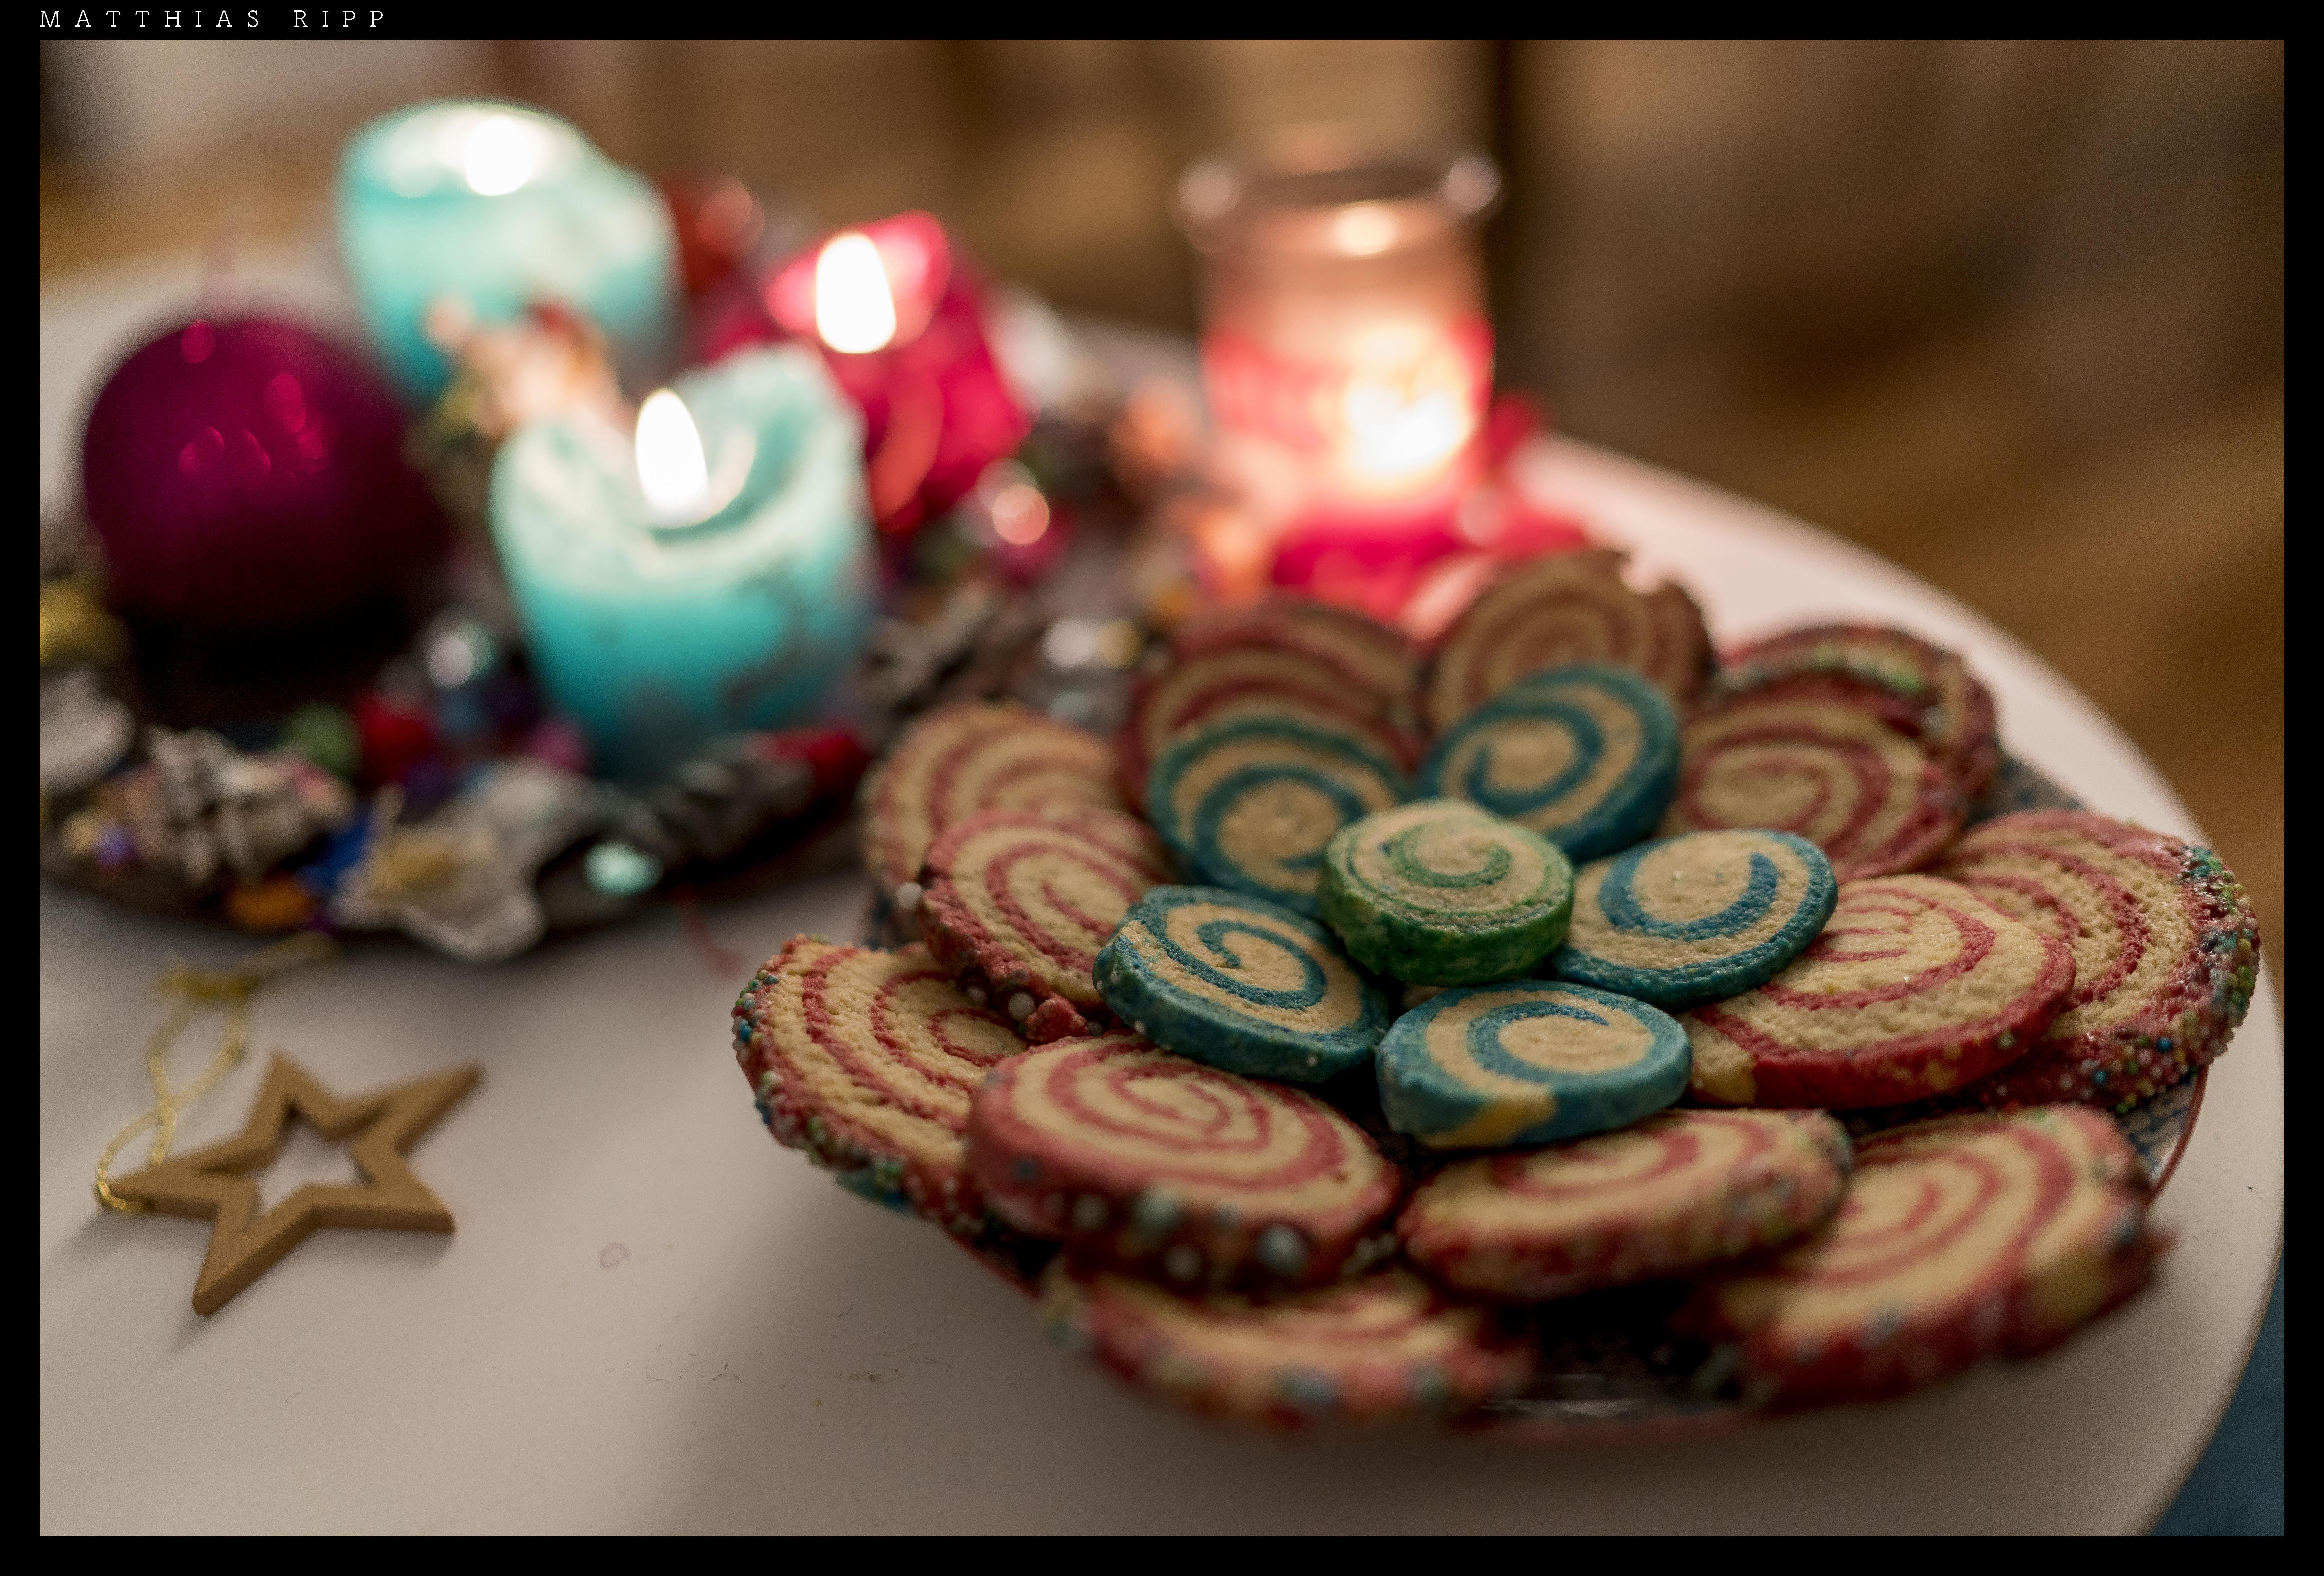 Fotos gratis : dulce, comida, marco, cocina, rosado, chocolate ...